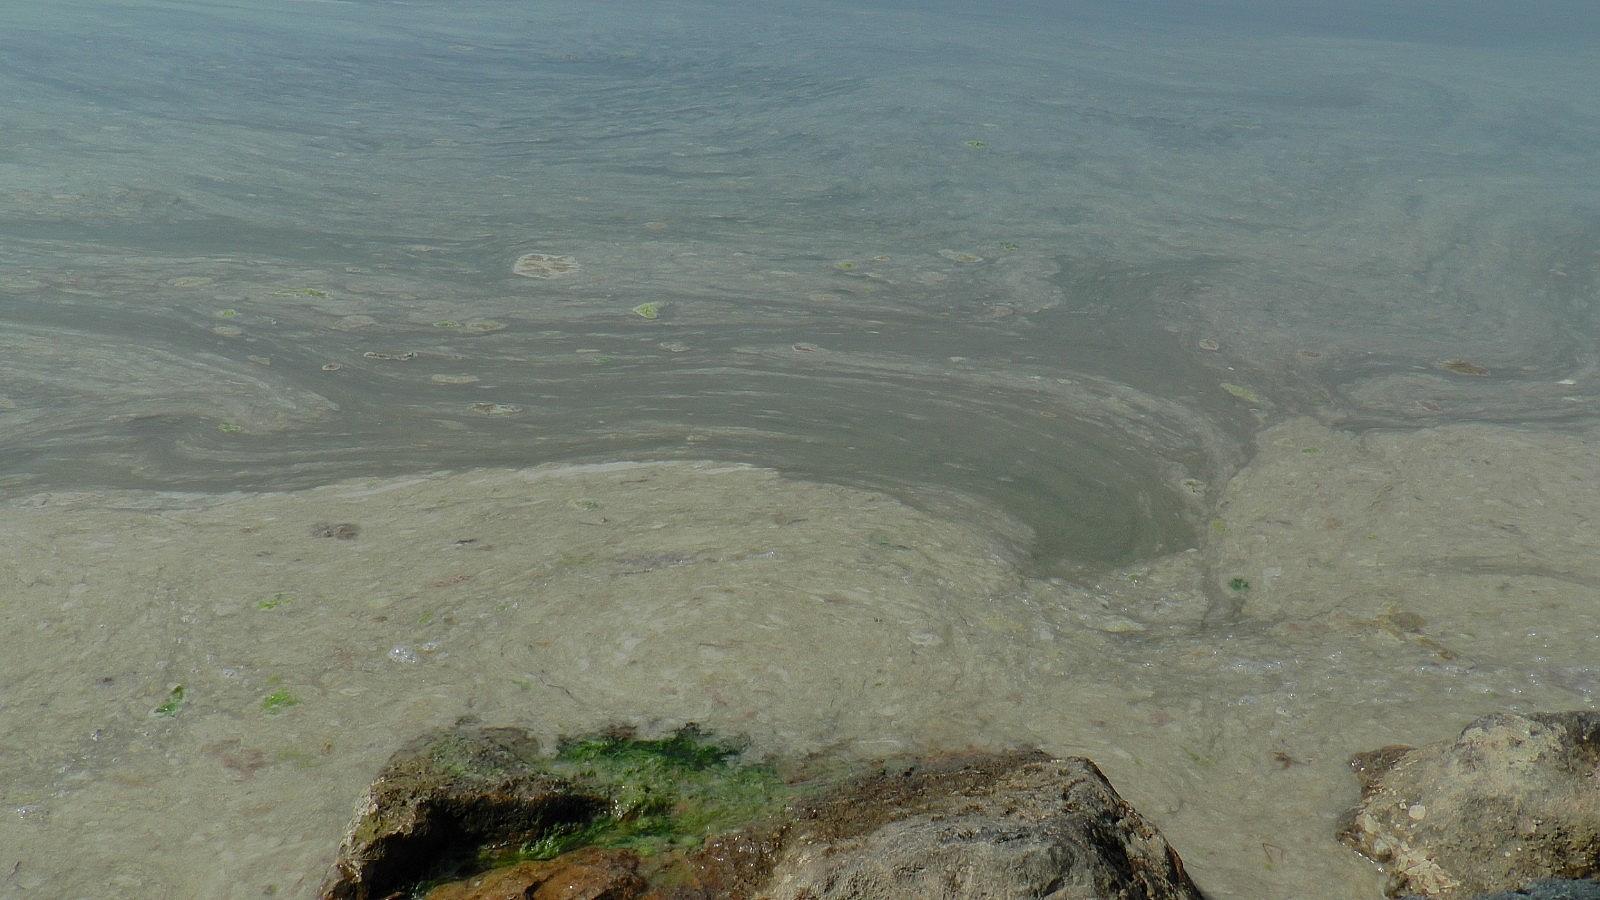 2021/05/deniz-salyasi-istilasi-pendik-sahillerine-kadar-geldi-20210430AW30-2.jpg